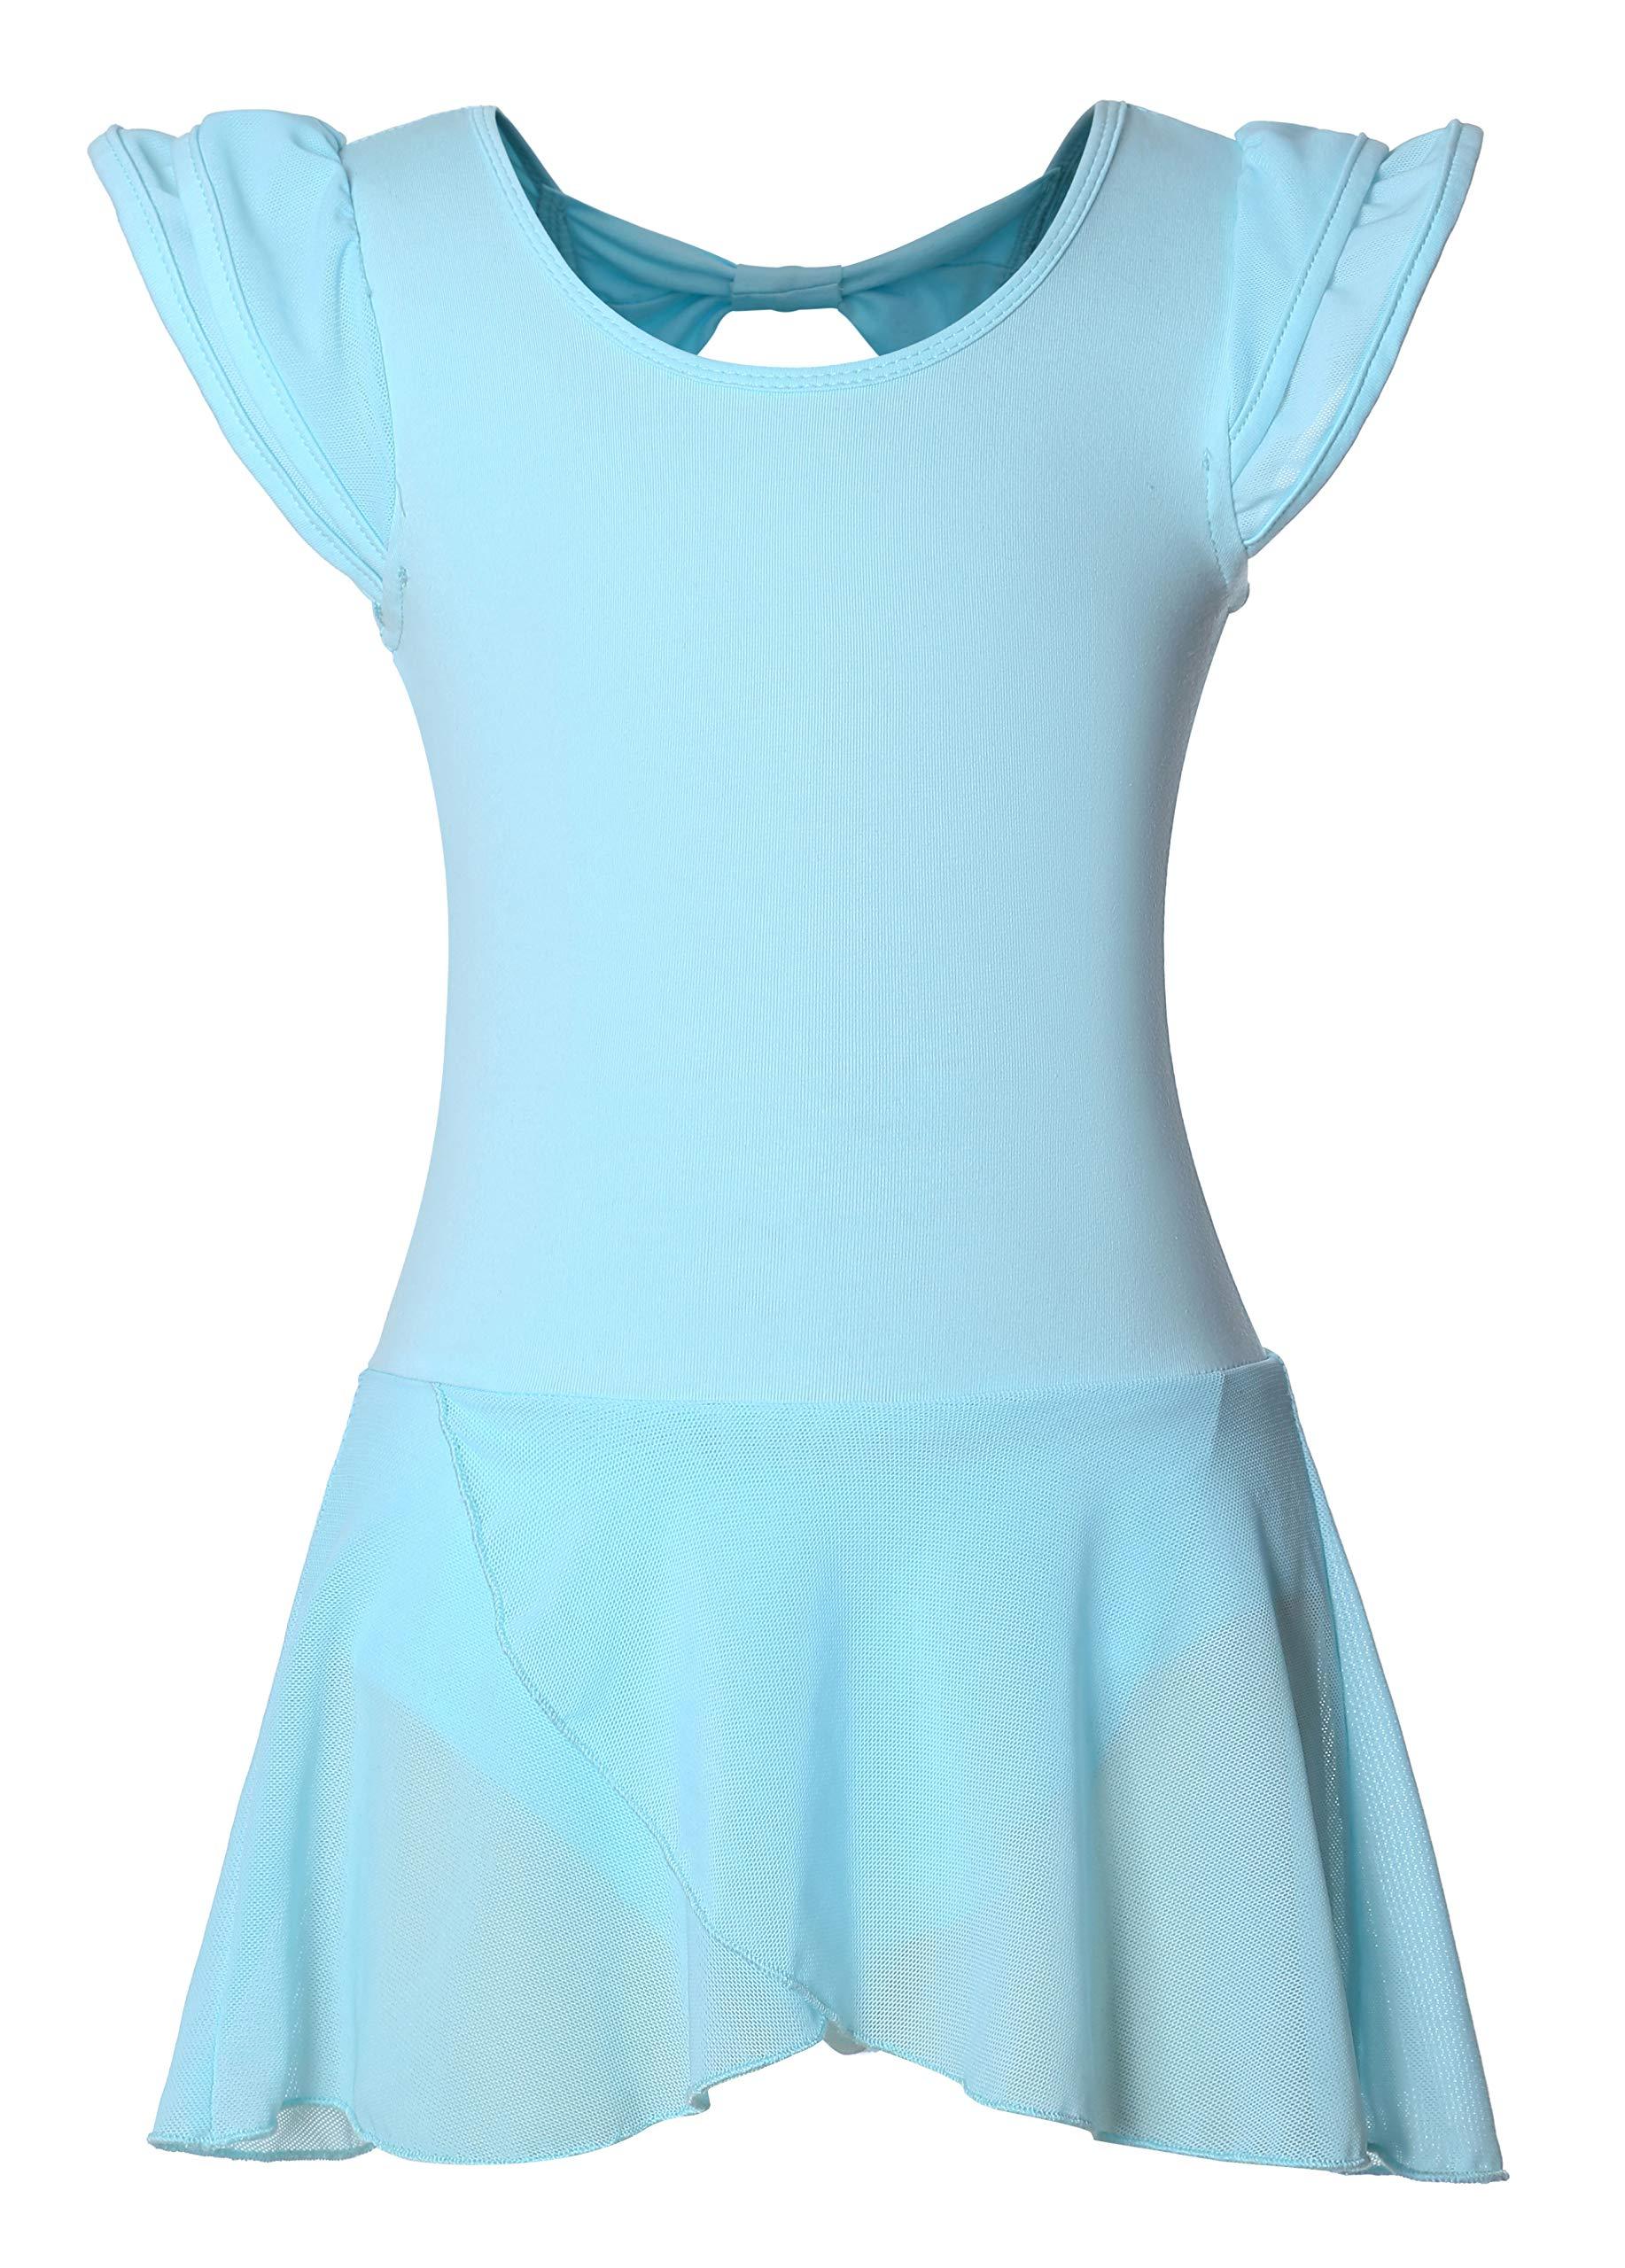 DANSHOW Girls' Ballet Dance Leotards with Flutter Sleeve Petal Skirt and Bowknot Back(6-8years,Light Blue) by DANSHOW